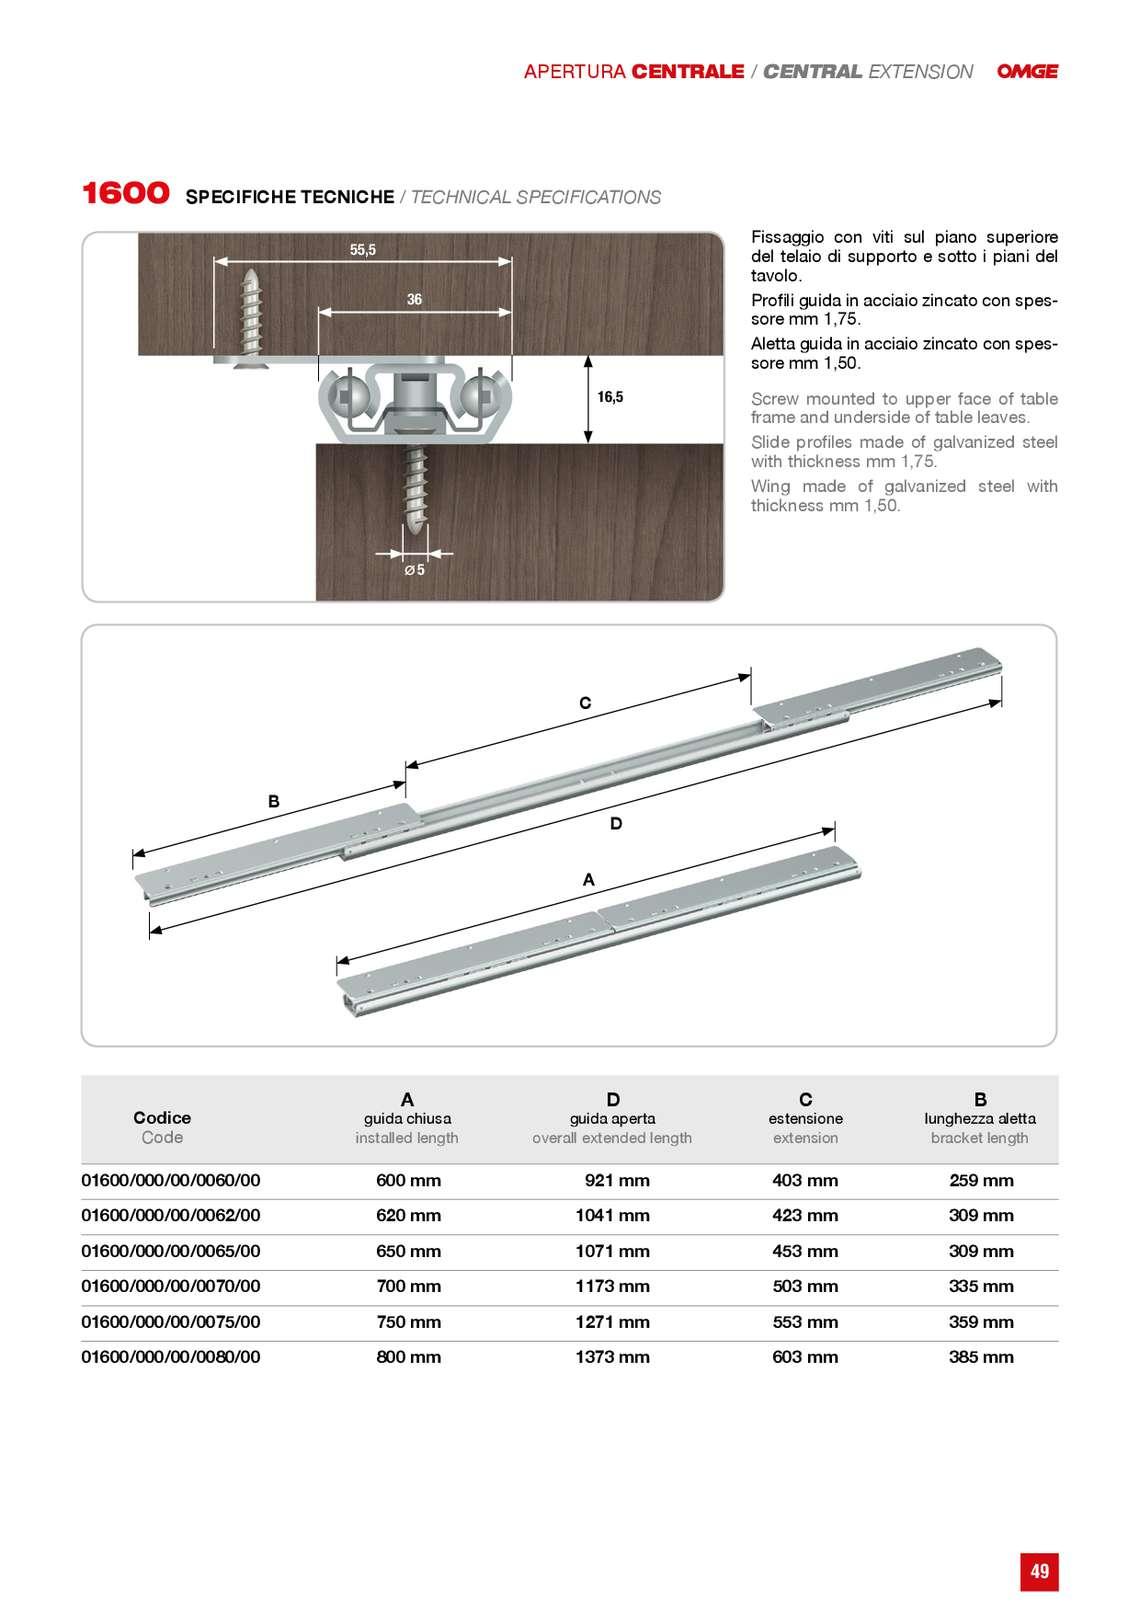 guide-per-allungamento-tavoli_163_048.jpg